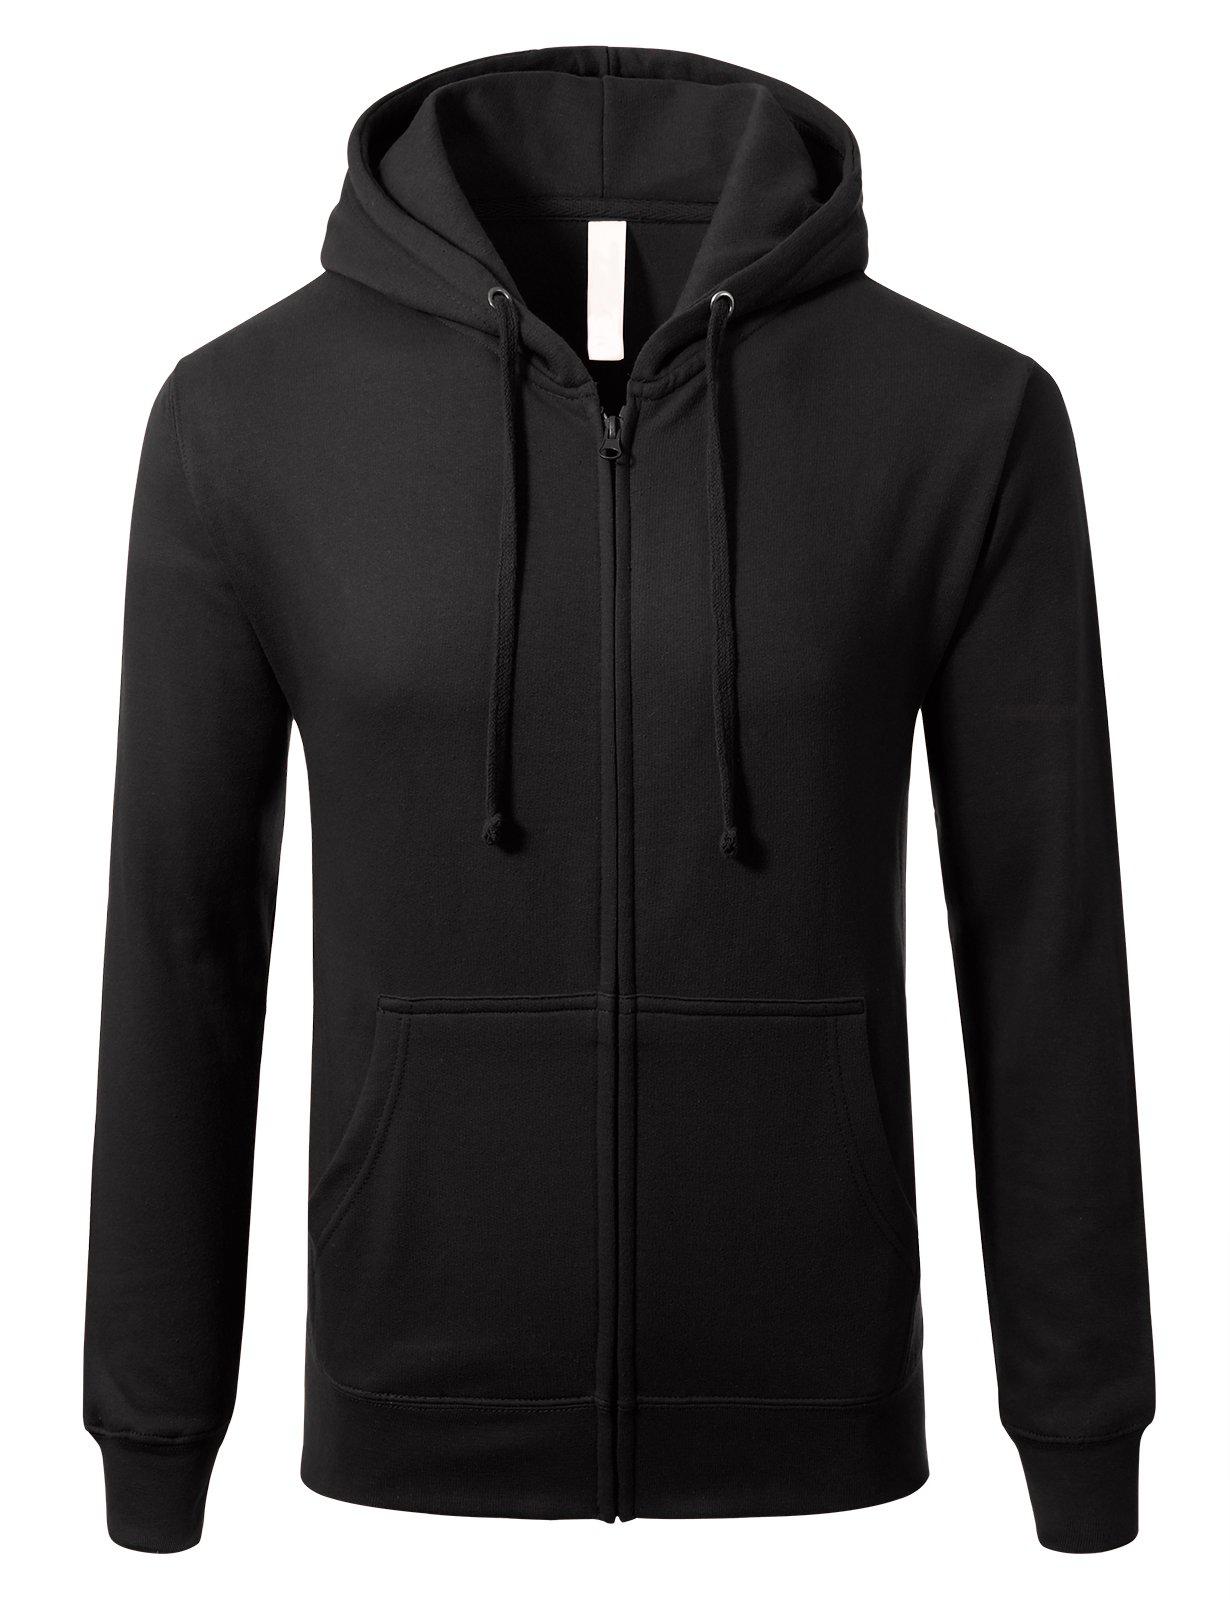 Mens Slim Fit Long Sleeve Lightweight Zip-up Hoodie With Kanga Pocket M Black